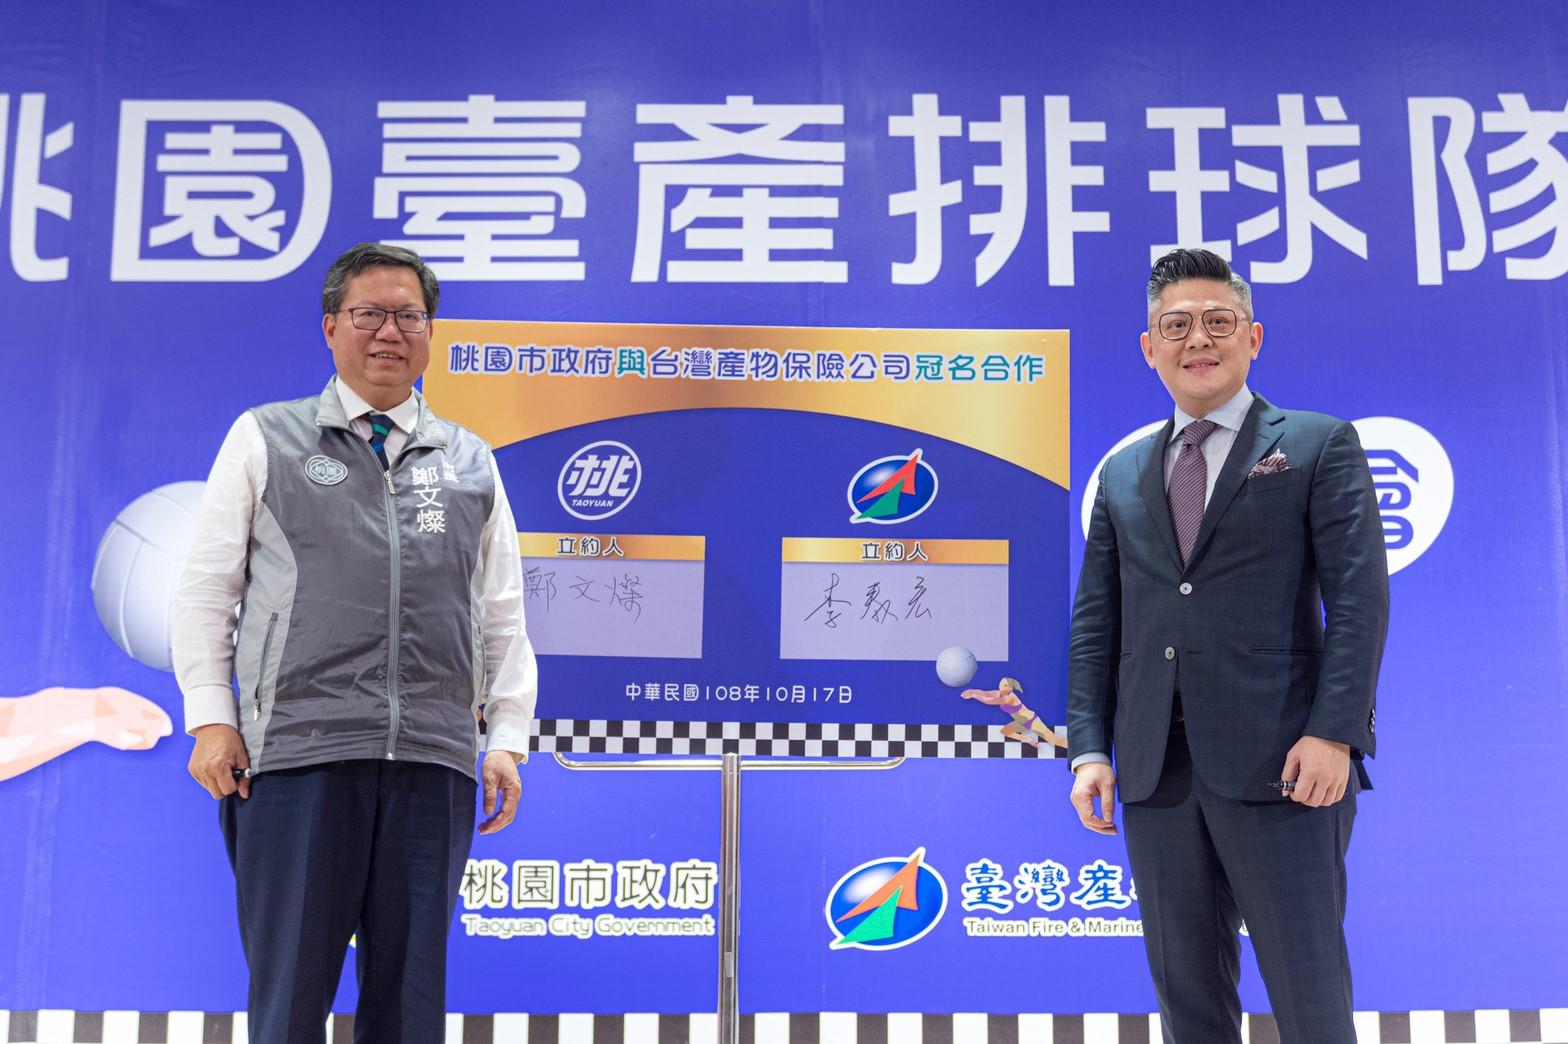 桃園市政府與台灣產物保險公司合作